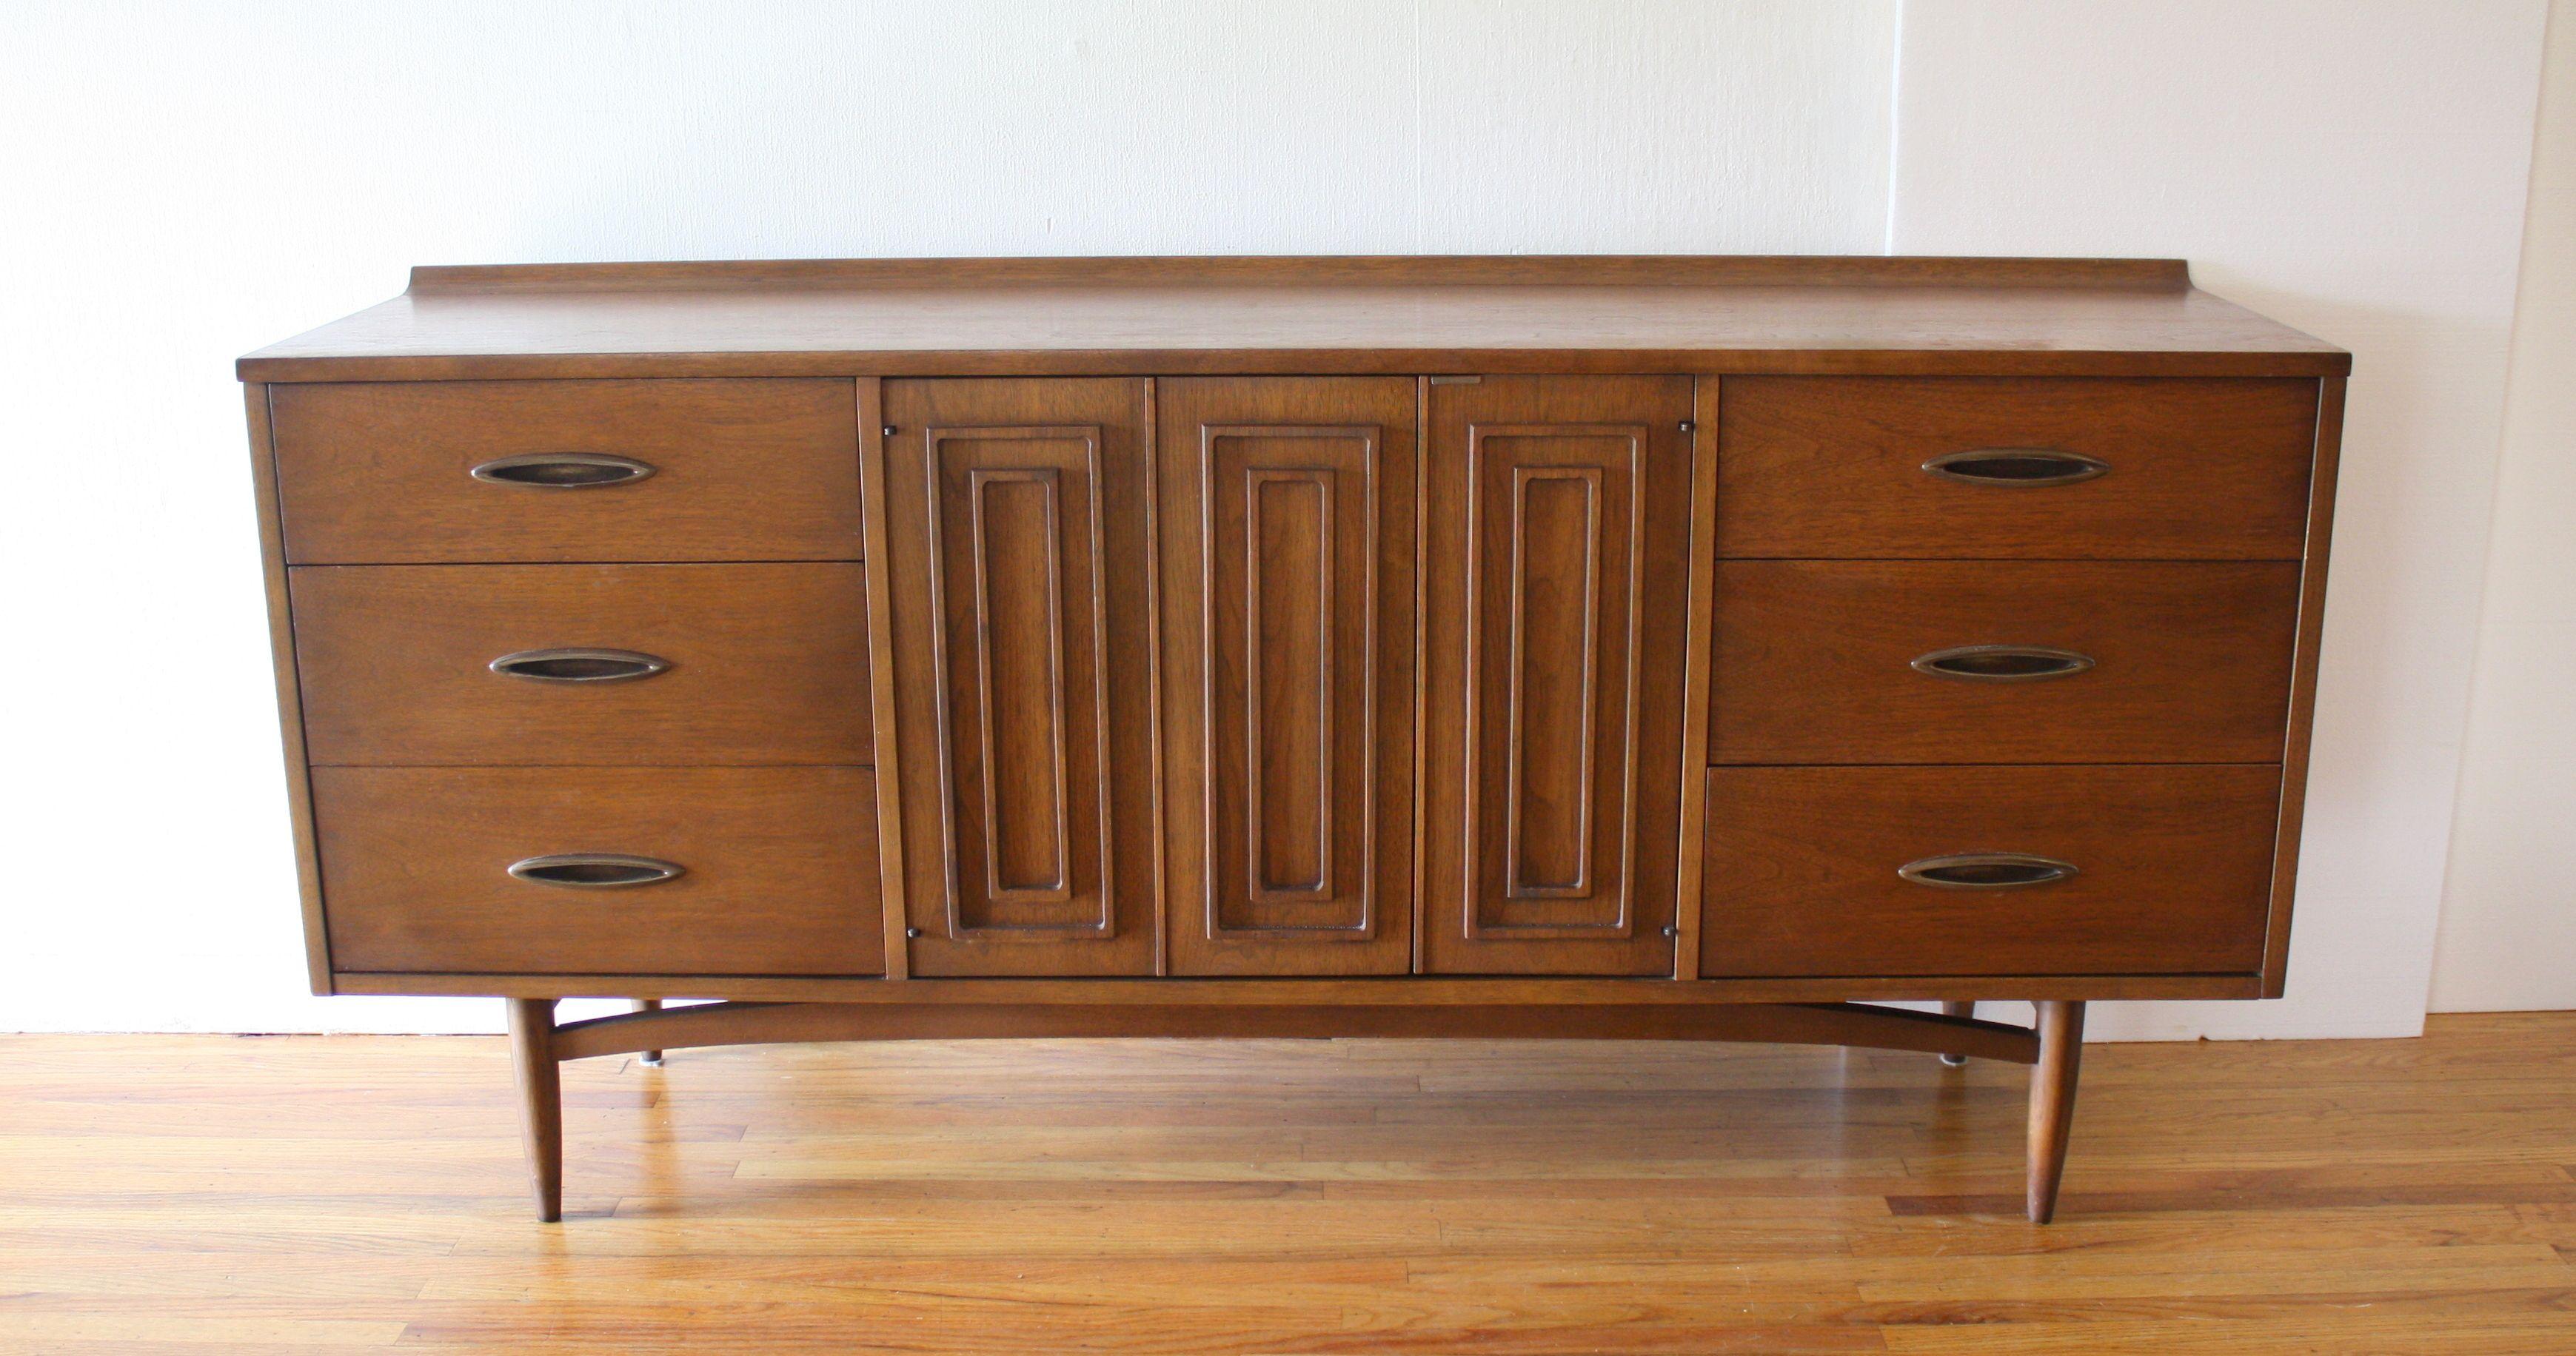 Best Mid Century Modern Broyhill Sculptra Low Dresser Credenza 640 x 480